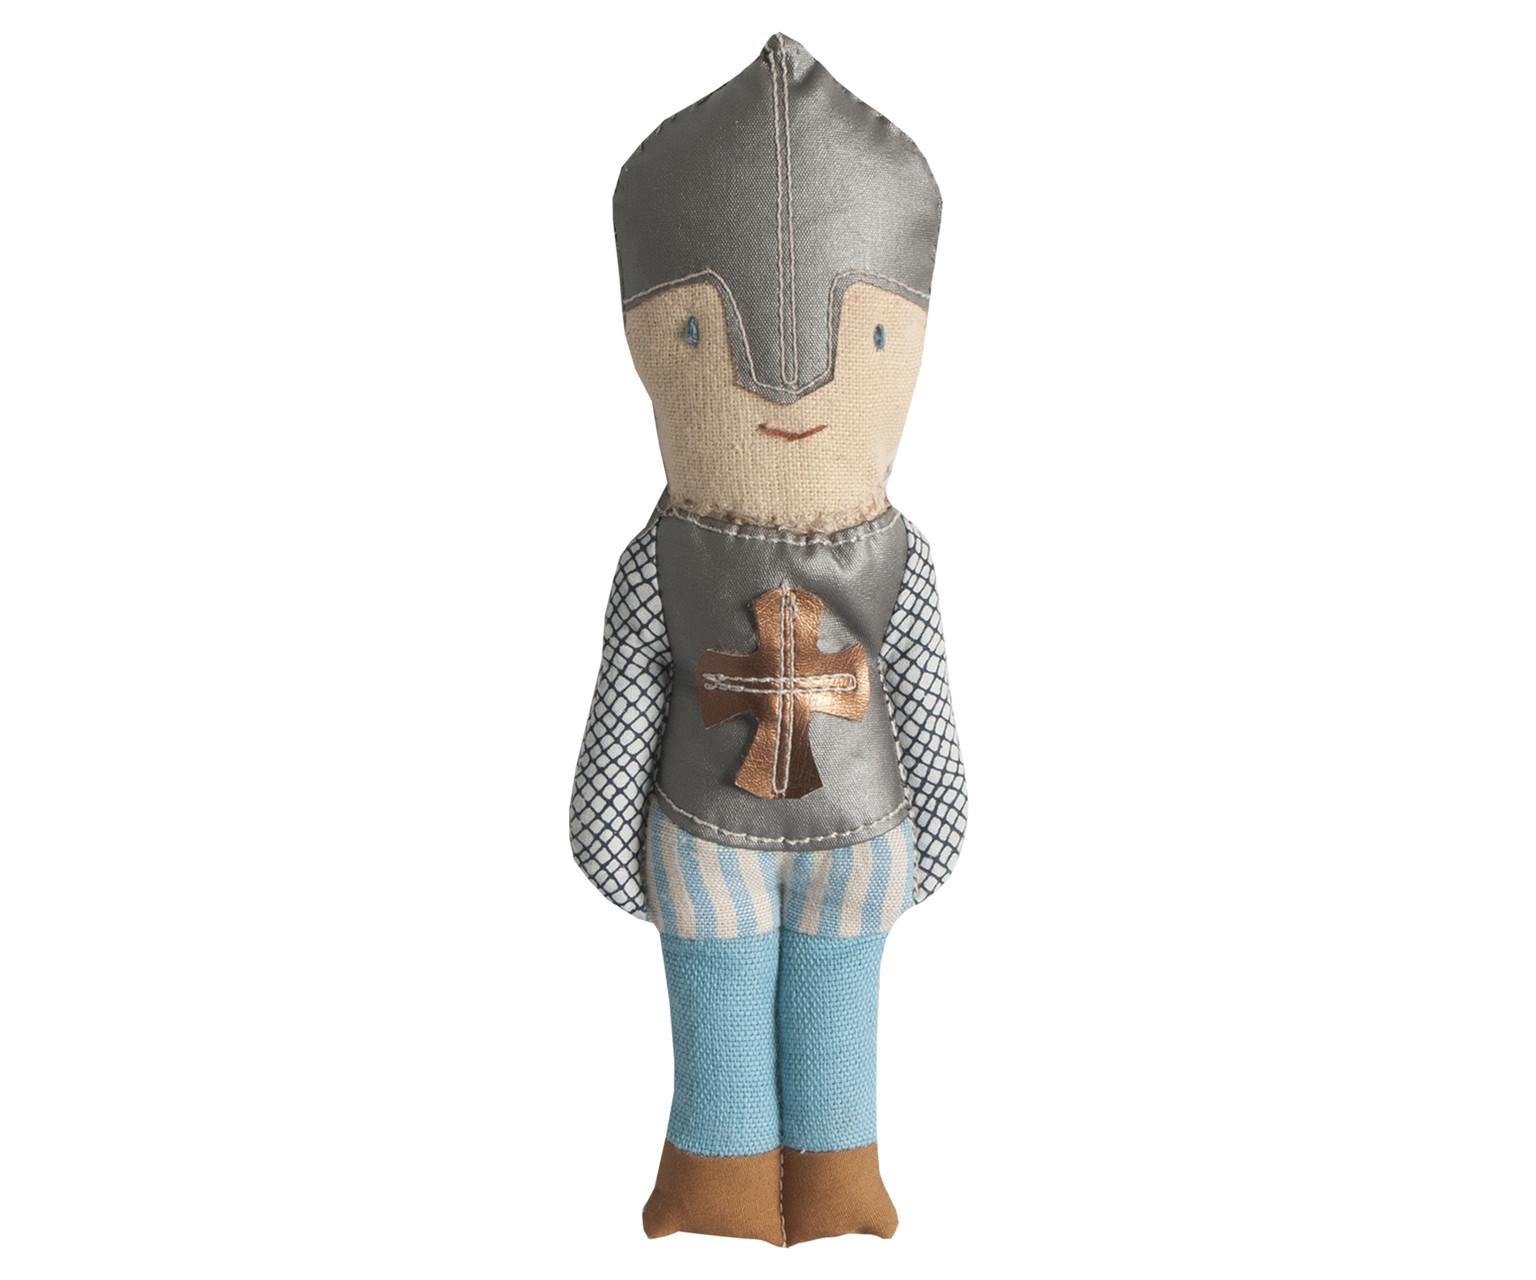 Ritterrassel - Knight rattle - Maileg